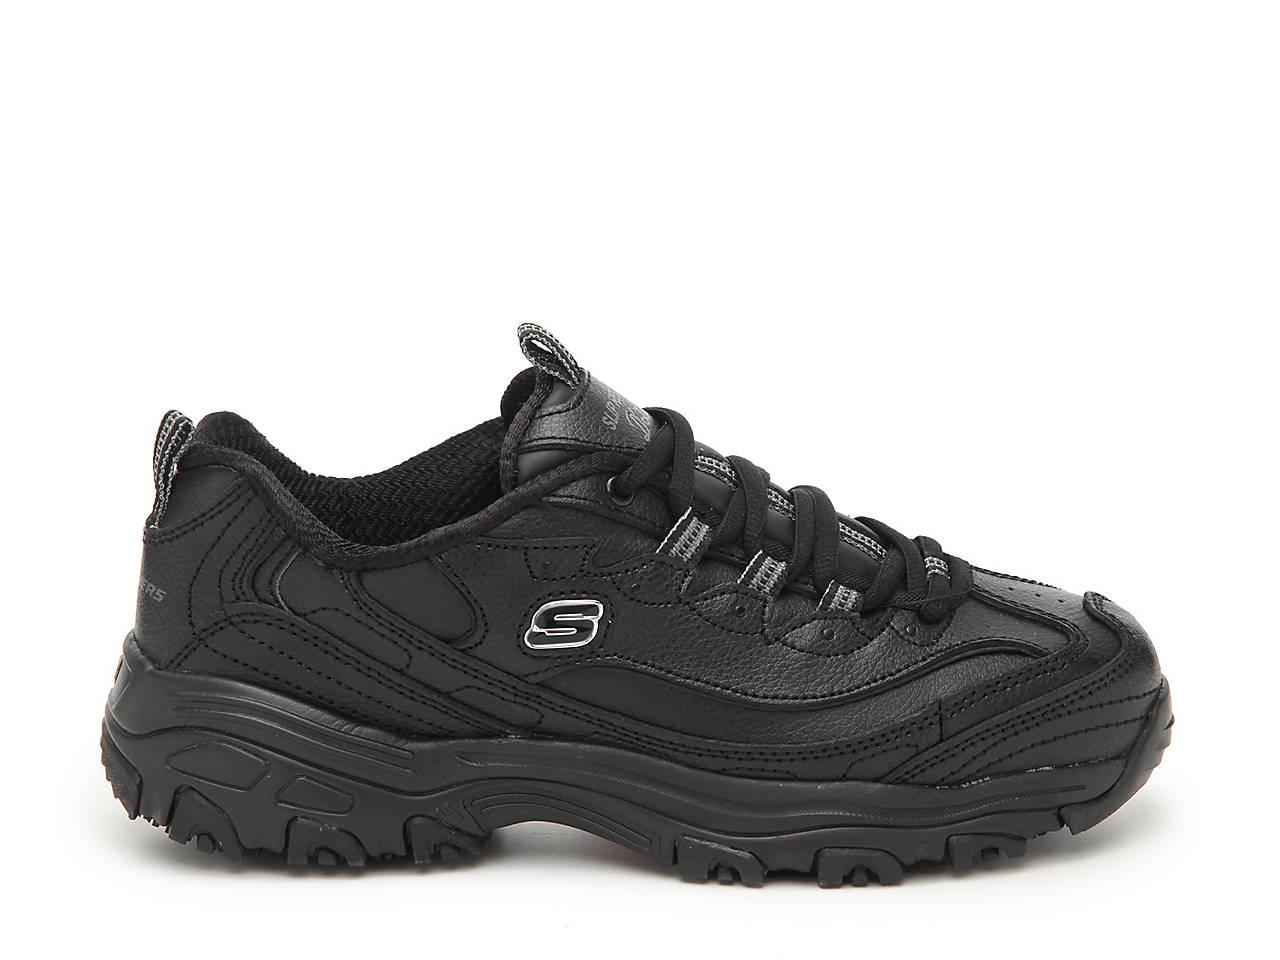 71cb74a055b8 Skechers Work D Lites Marbleton Work Sneaker Women s Shoes